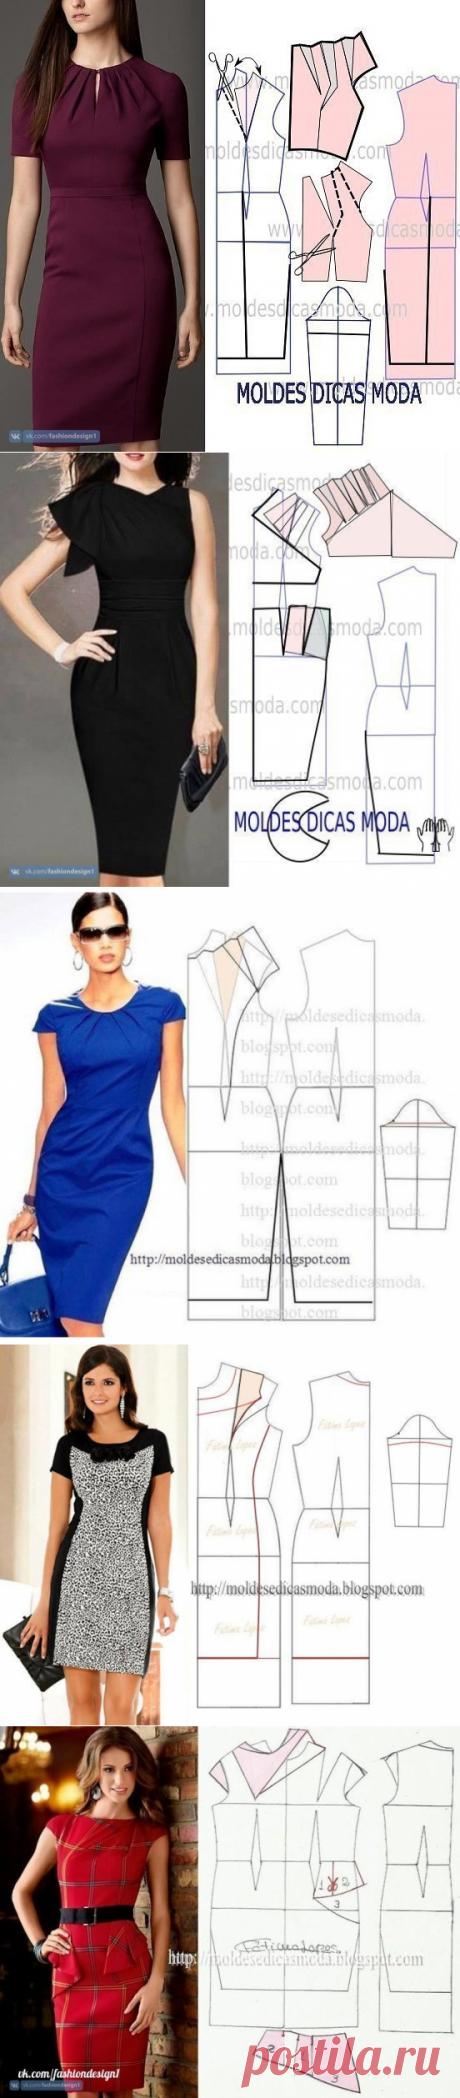 Моделирование платья-футляра — Сделай сам, идеи для творчества - DIY Ideas